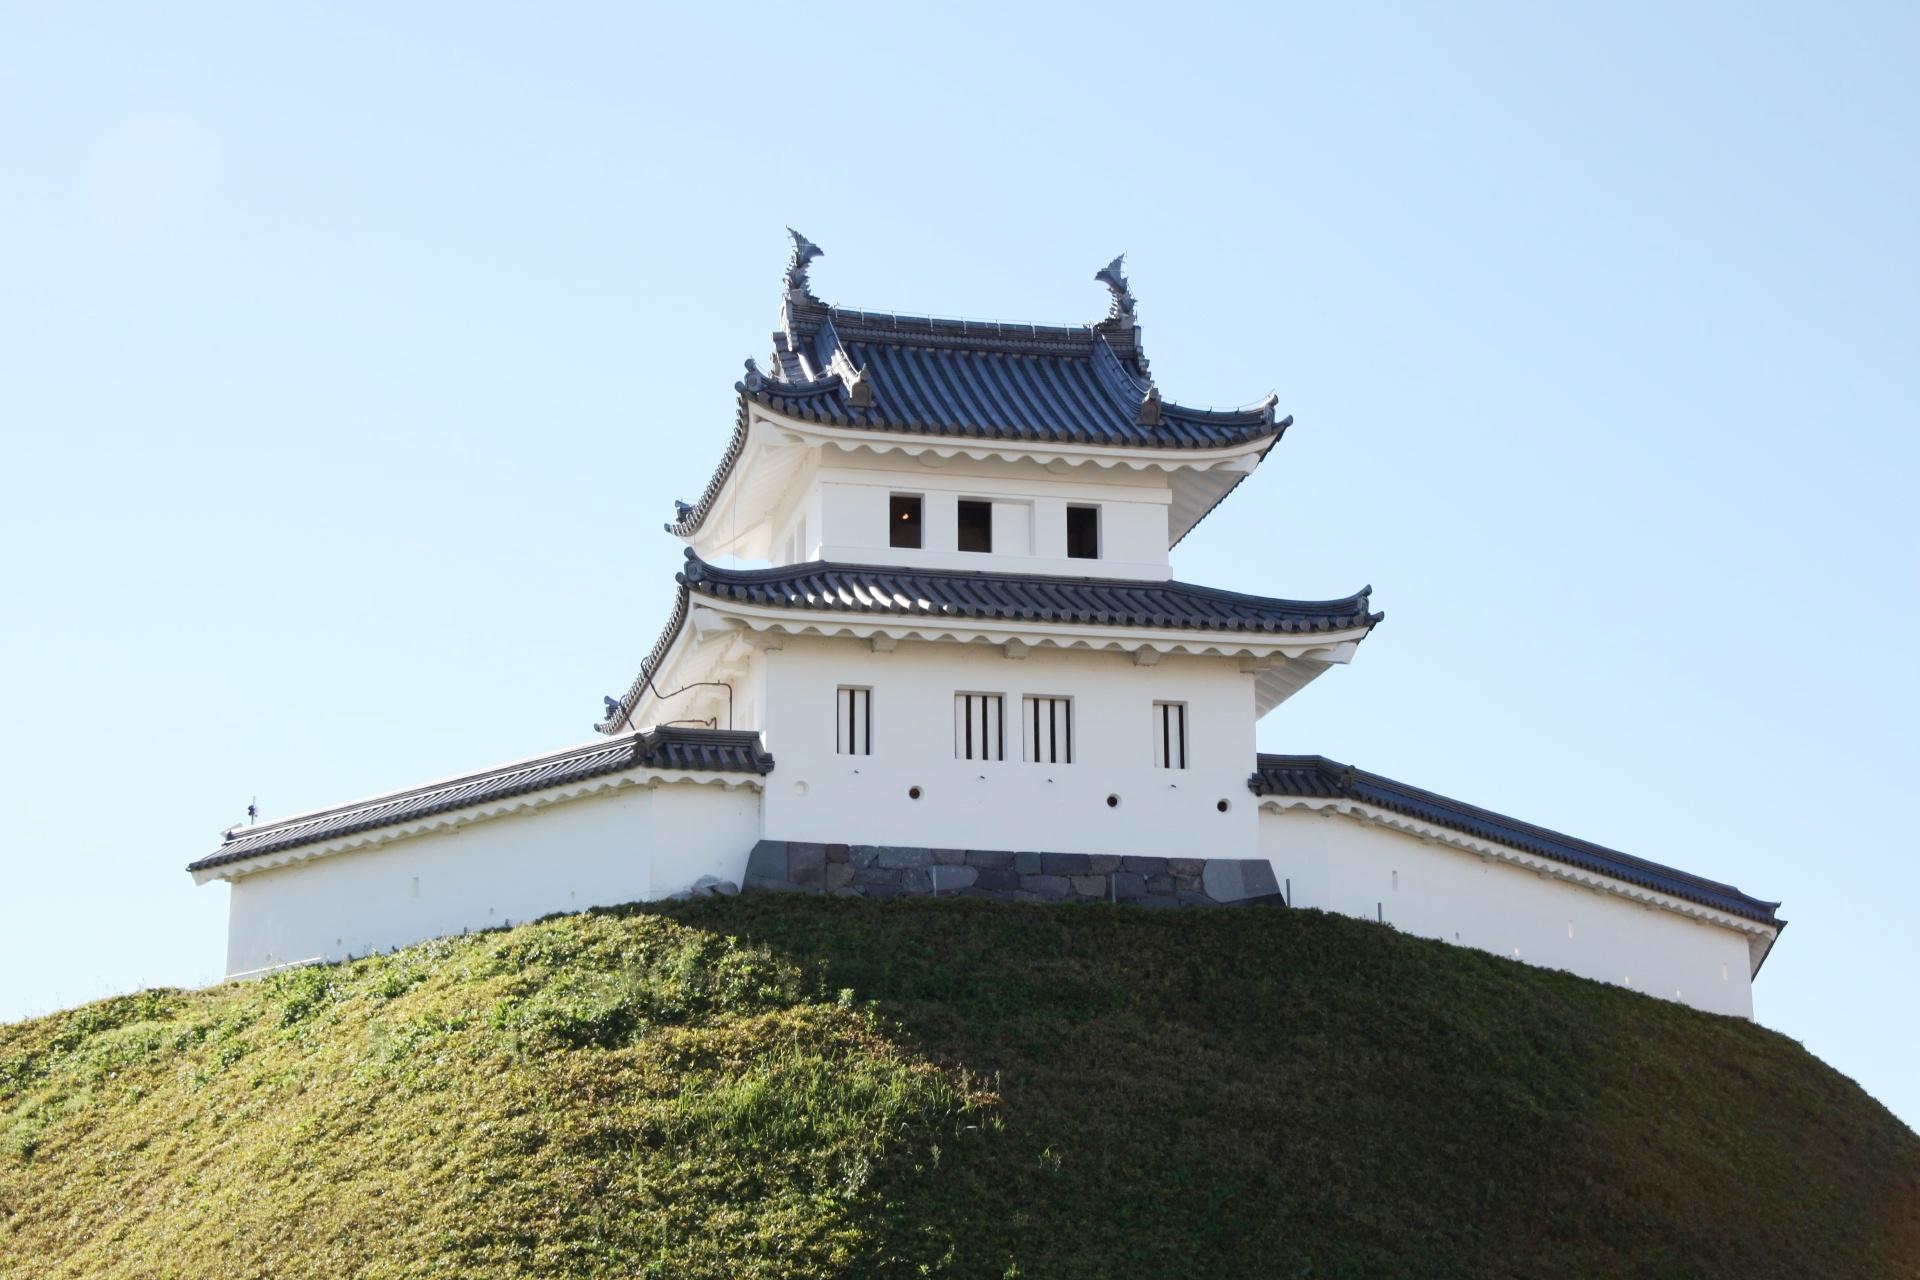 宇都宮城 栃木の風景